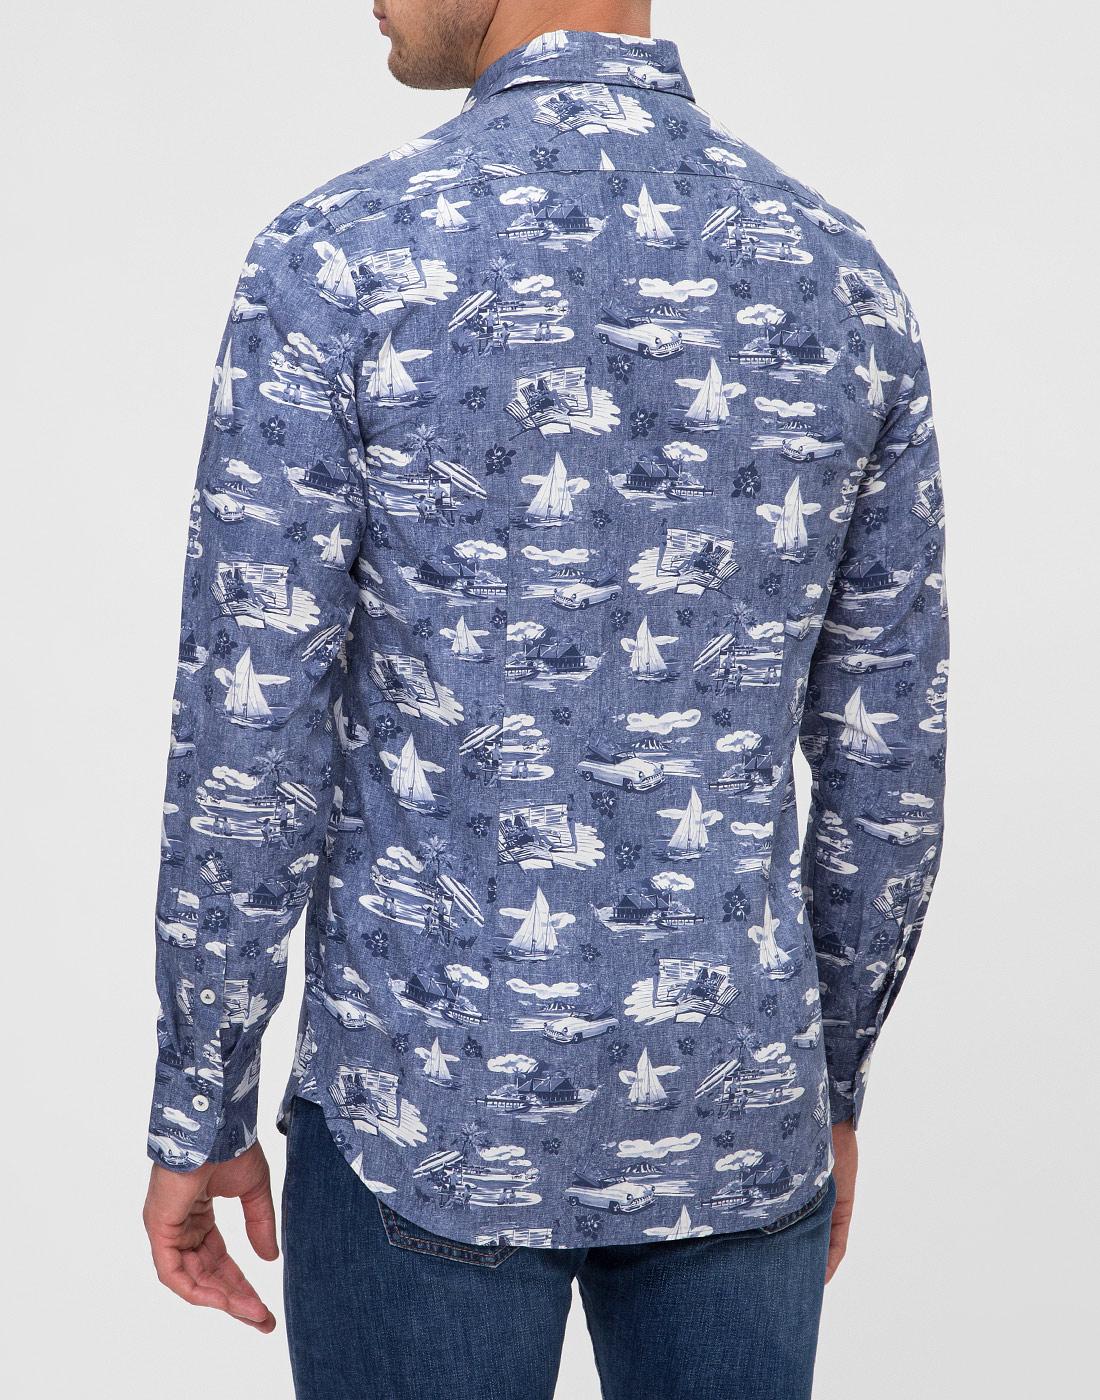 Мужская синяя рубашка с принтом Van Laack S170160/780-4